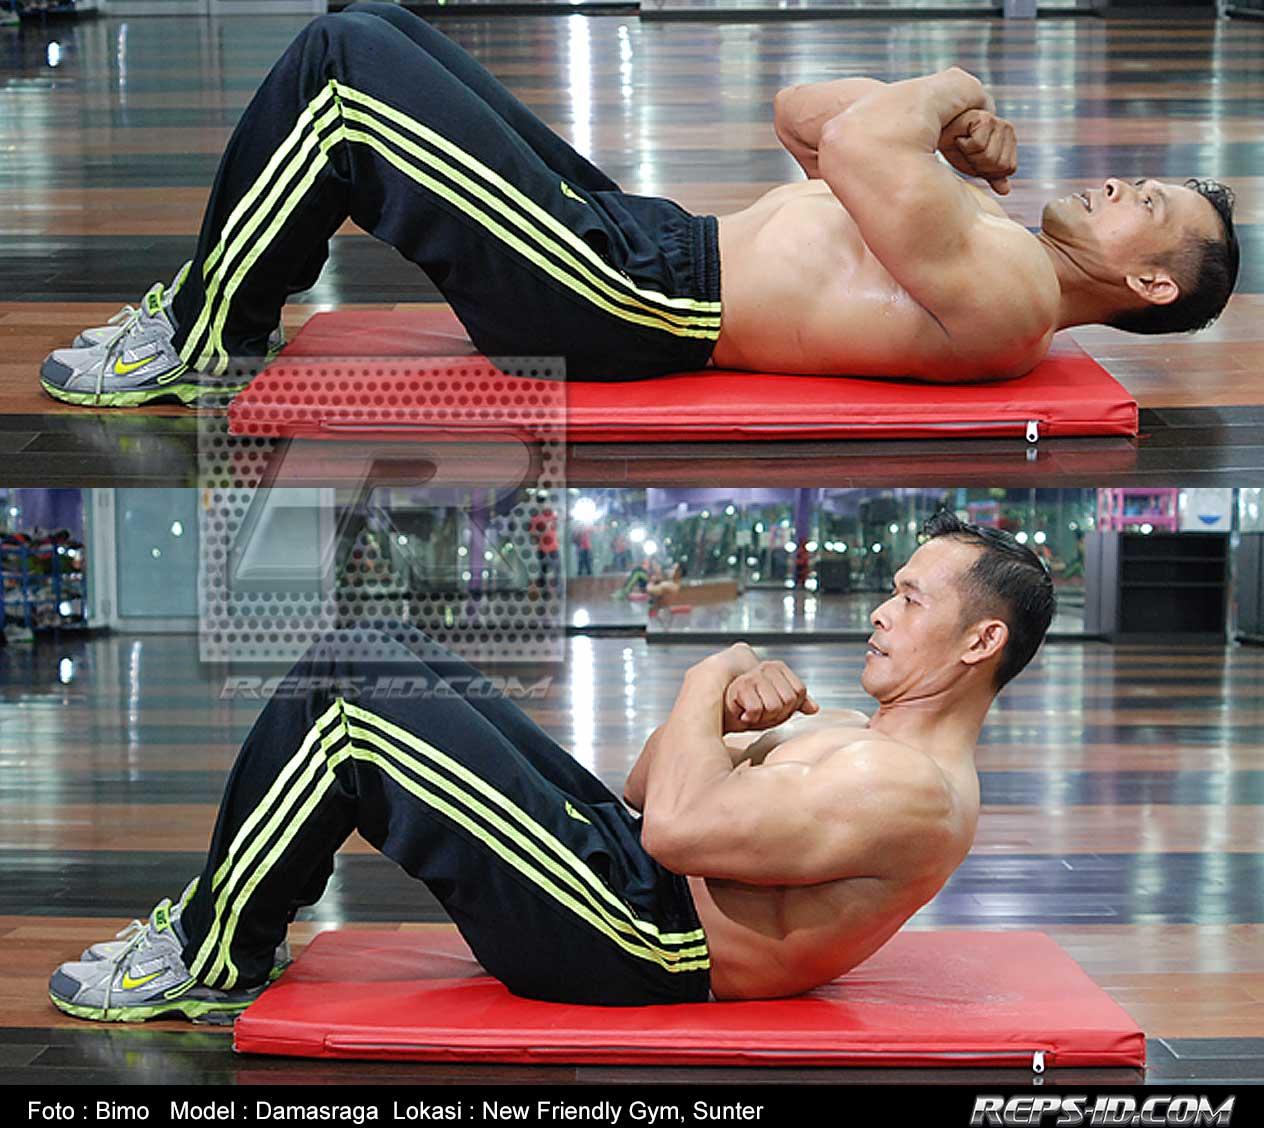 1damas--abdominal-crunches